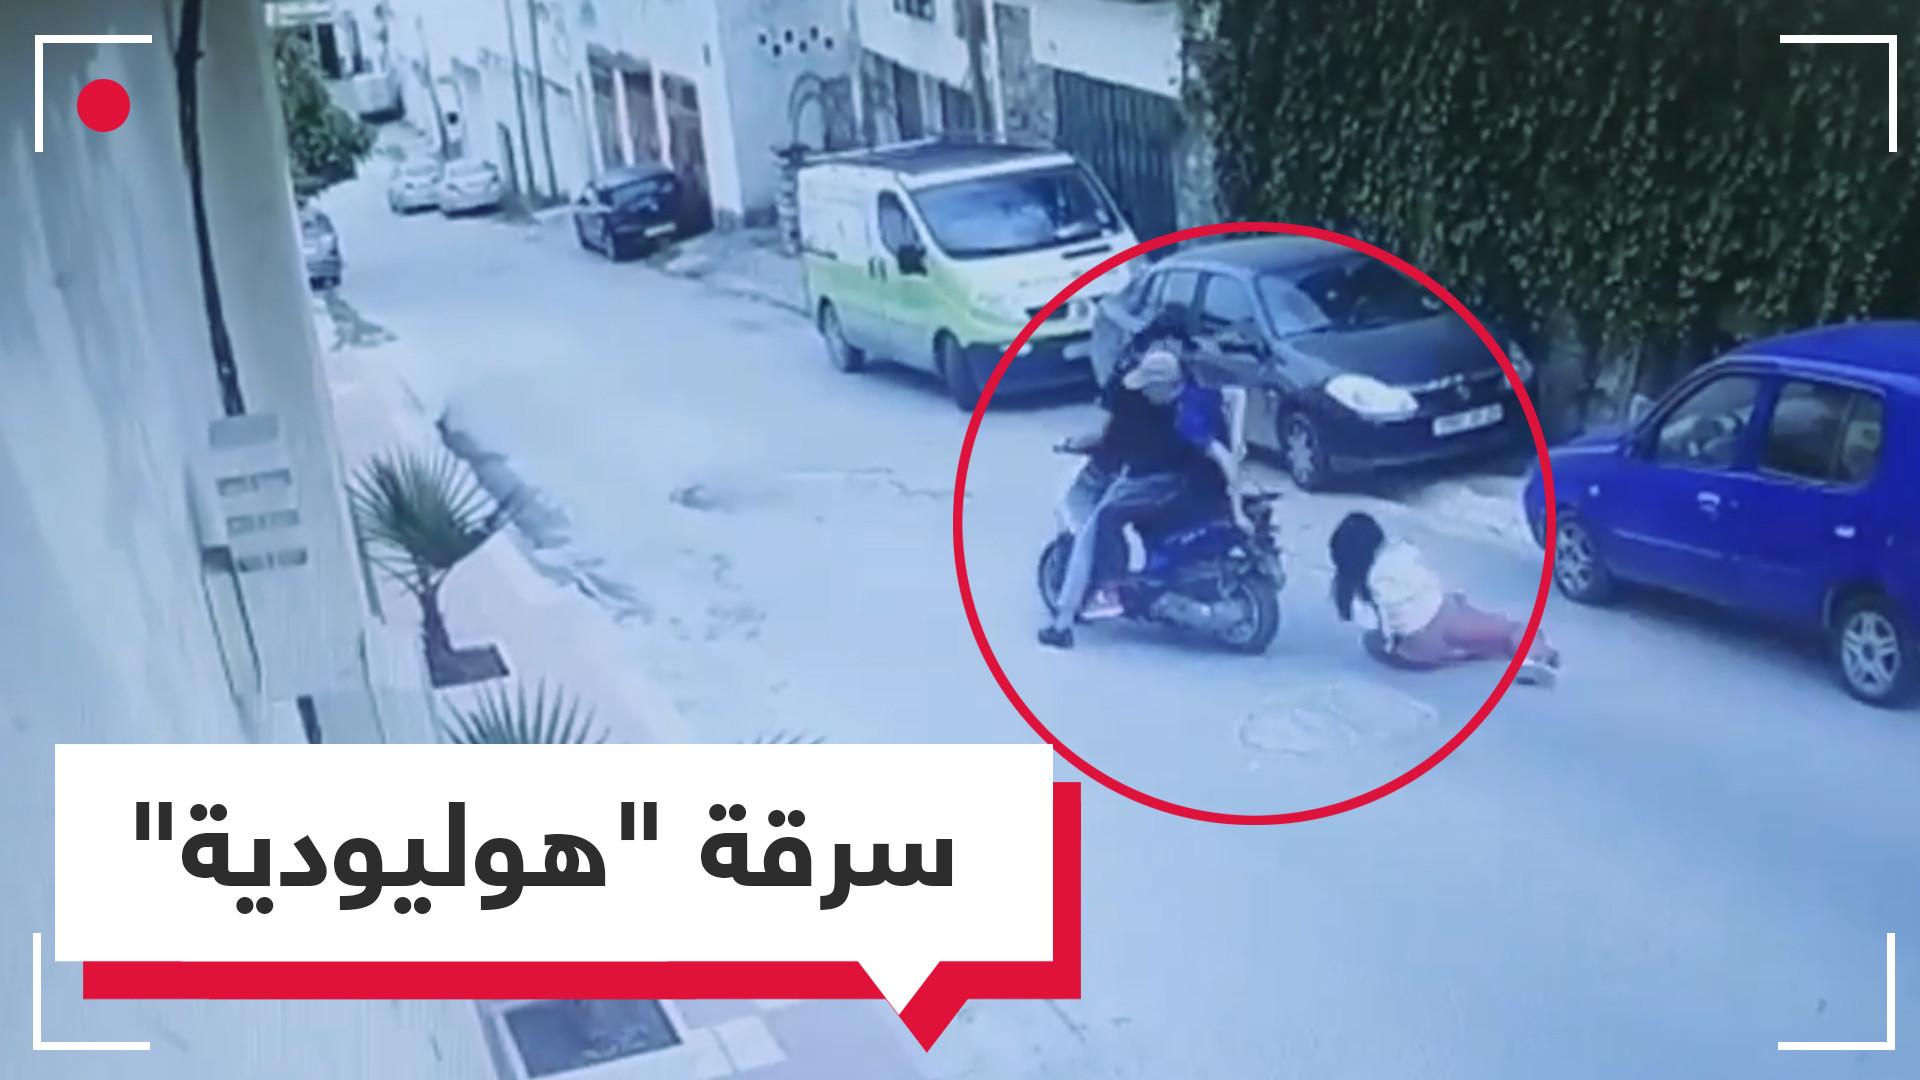 فيديو صادم لسرقة فتاة في الجزائر